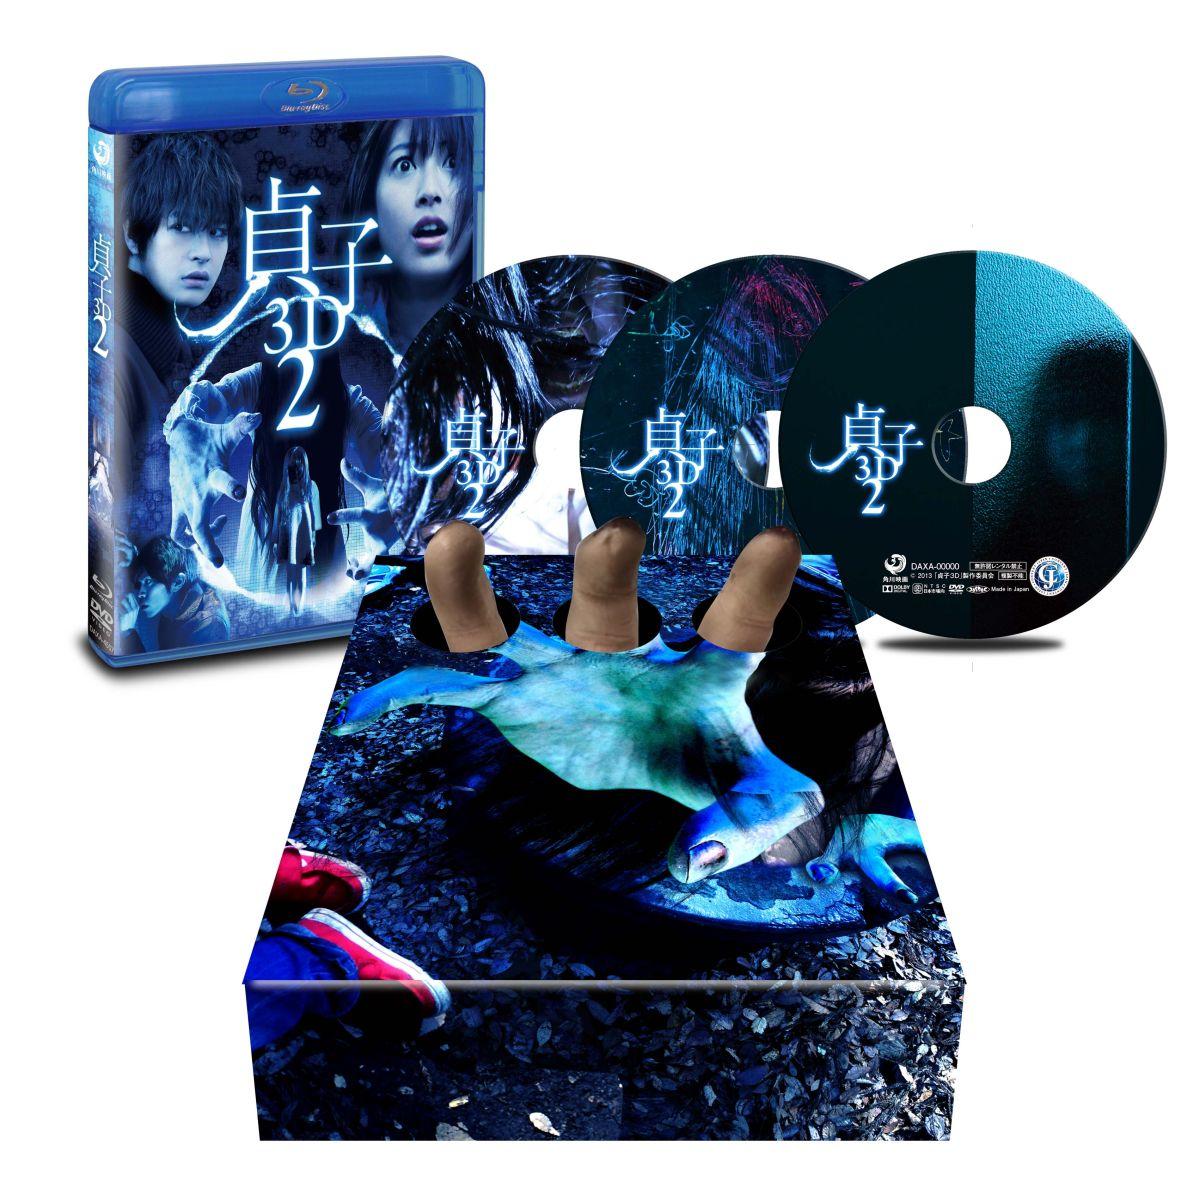 貞子3D2 貞子の呪い箱弐【数量限定生産】[DAXA-4558][Blu-ray/ブルーレイ] 製品画像